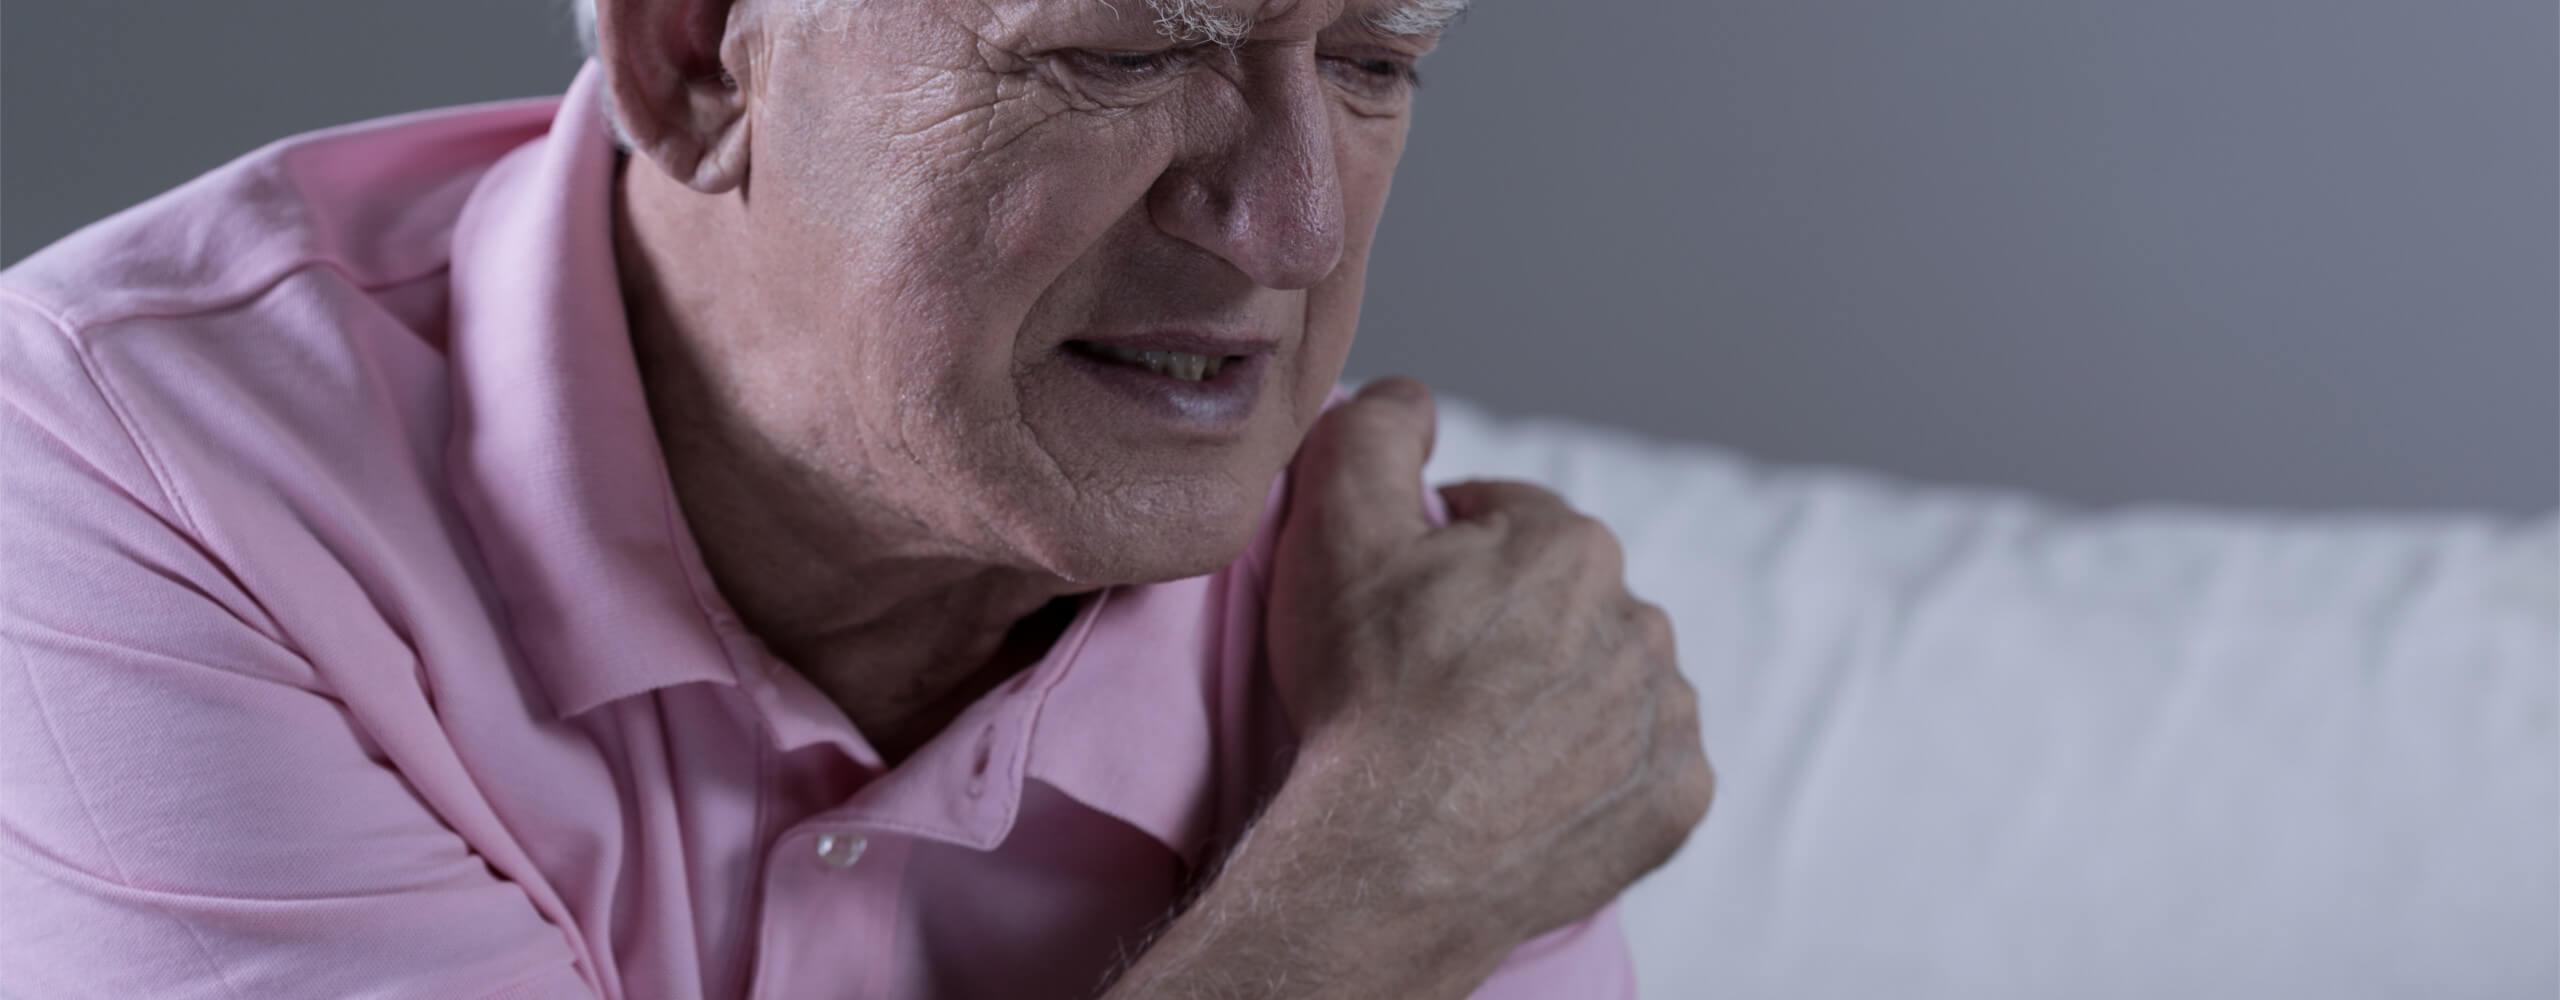 common shoulder pain relief